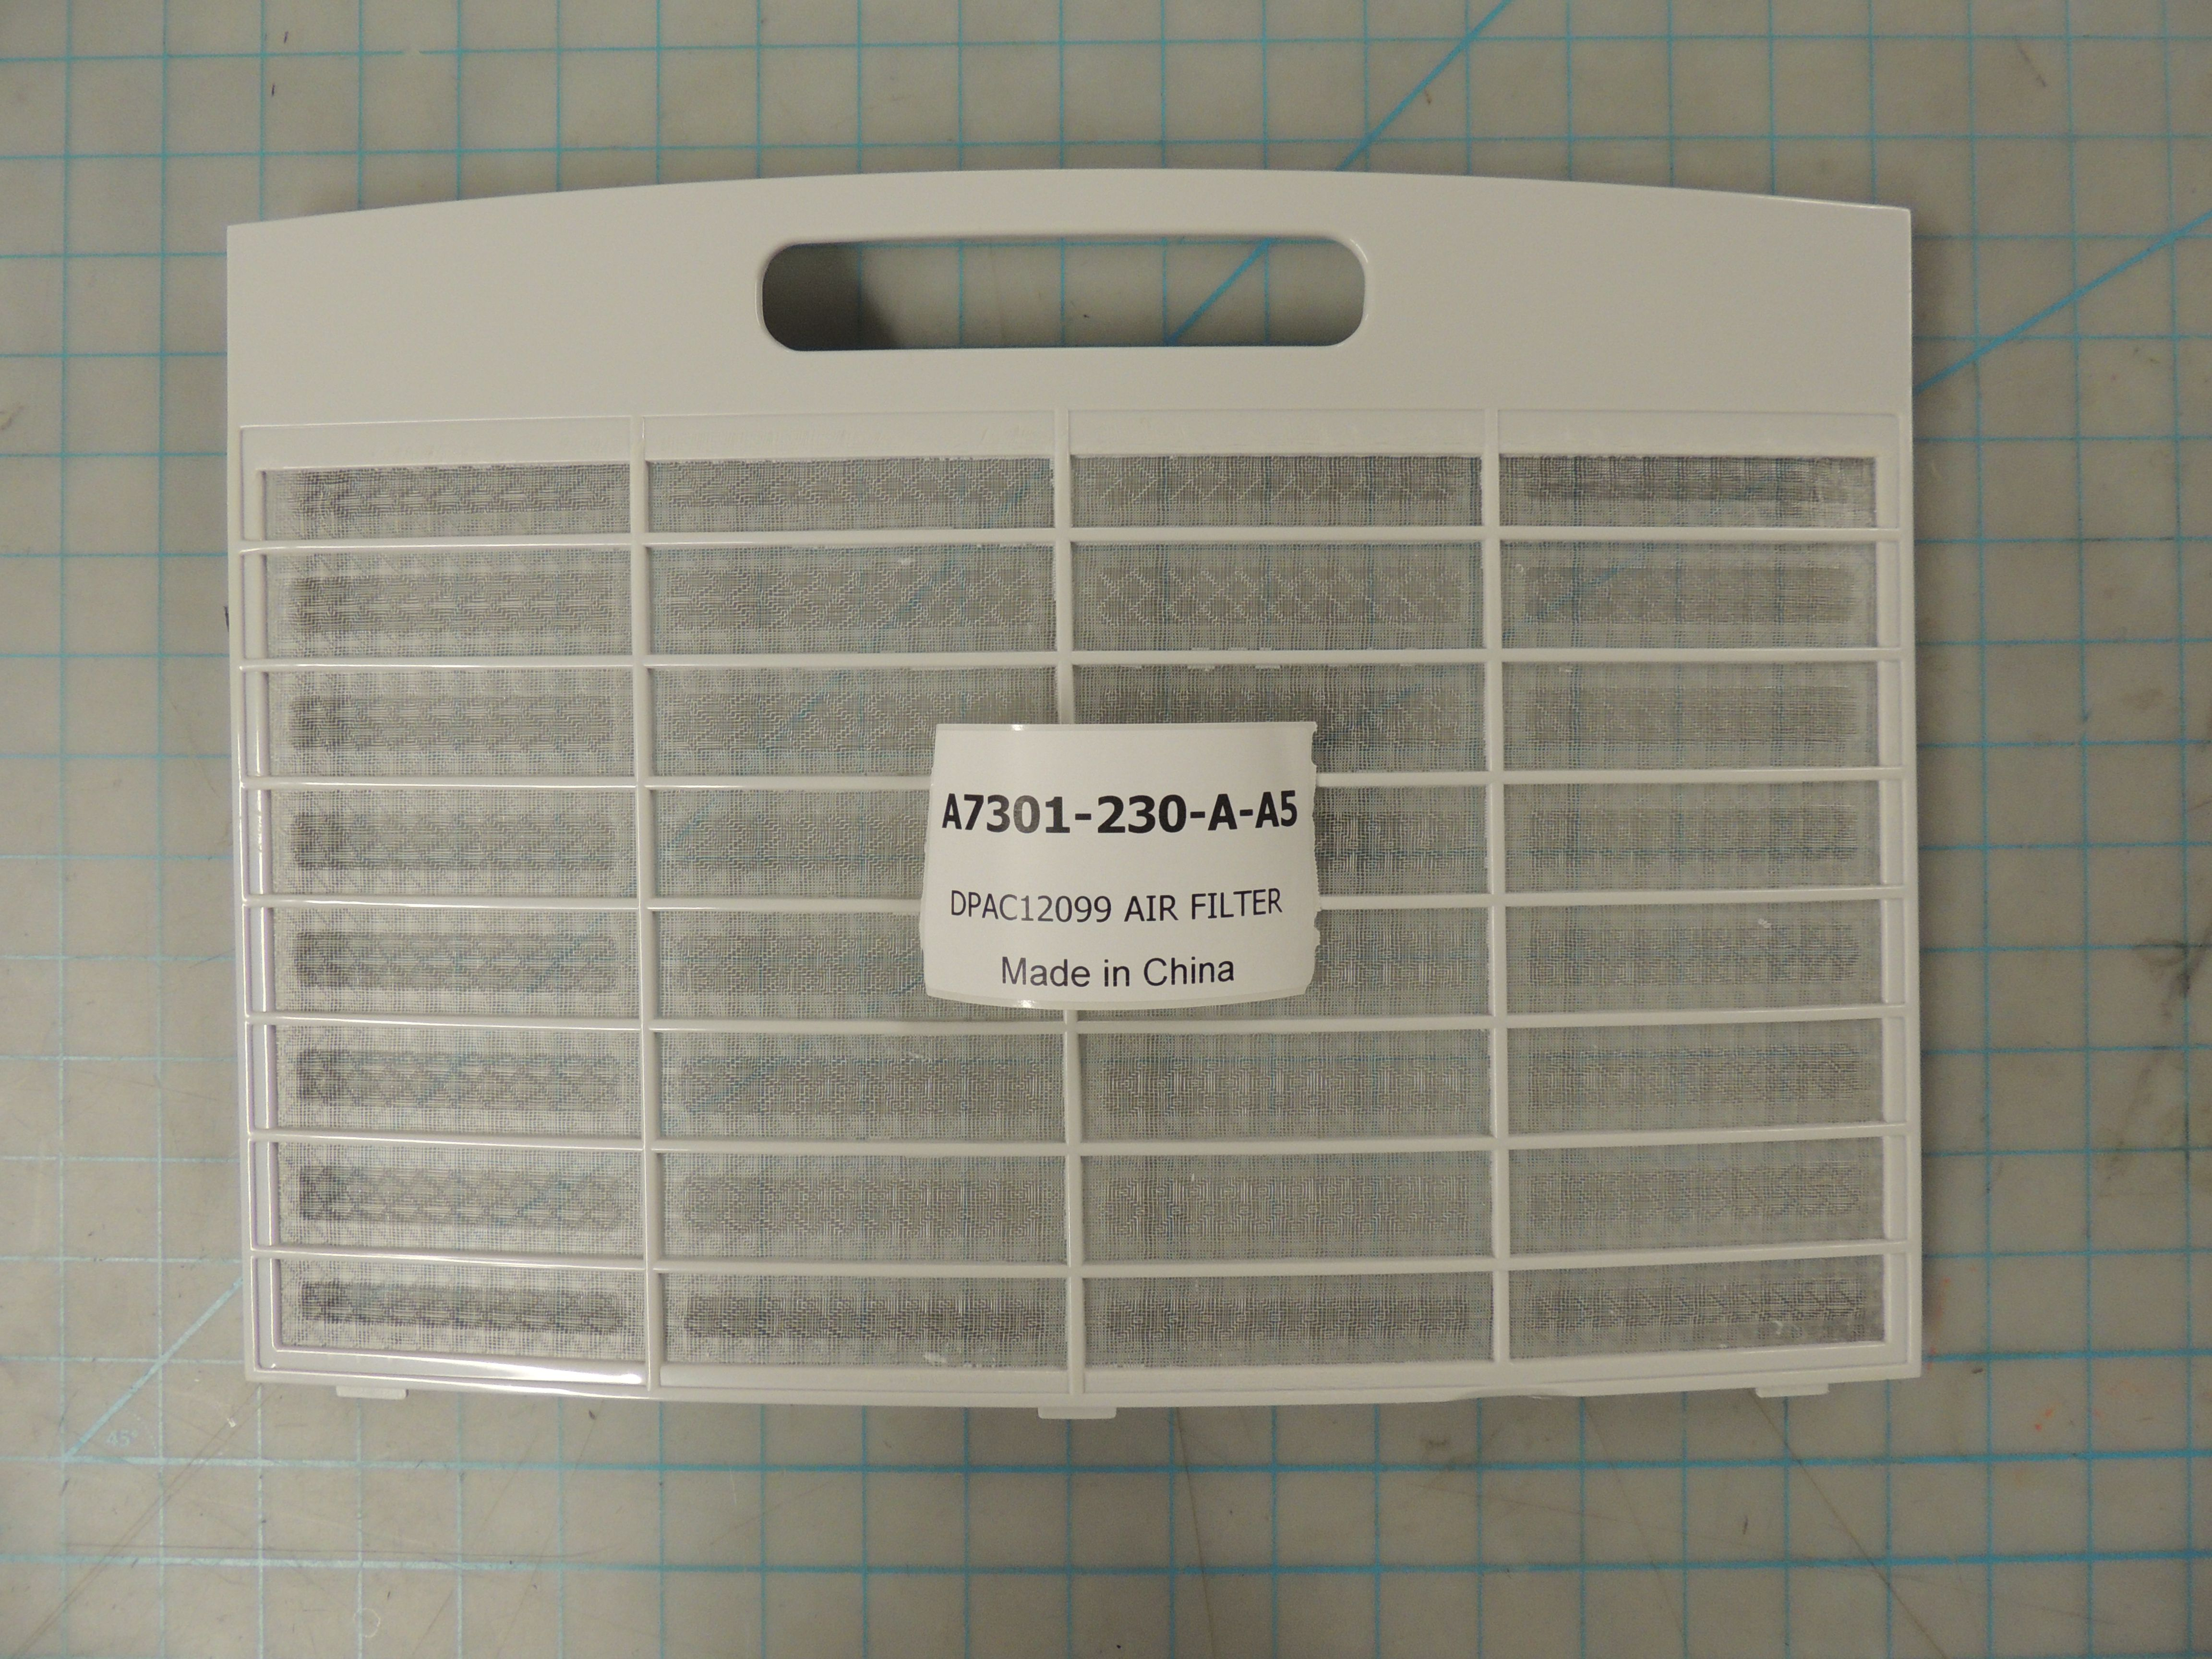 DPAC12099 AIR FILTER